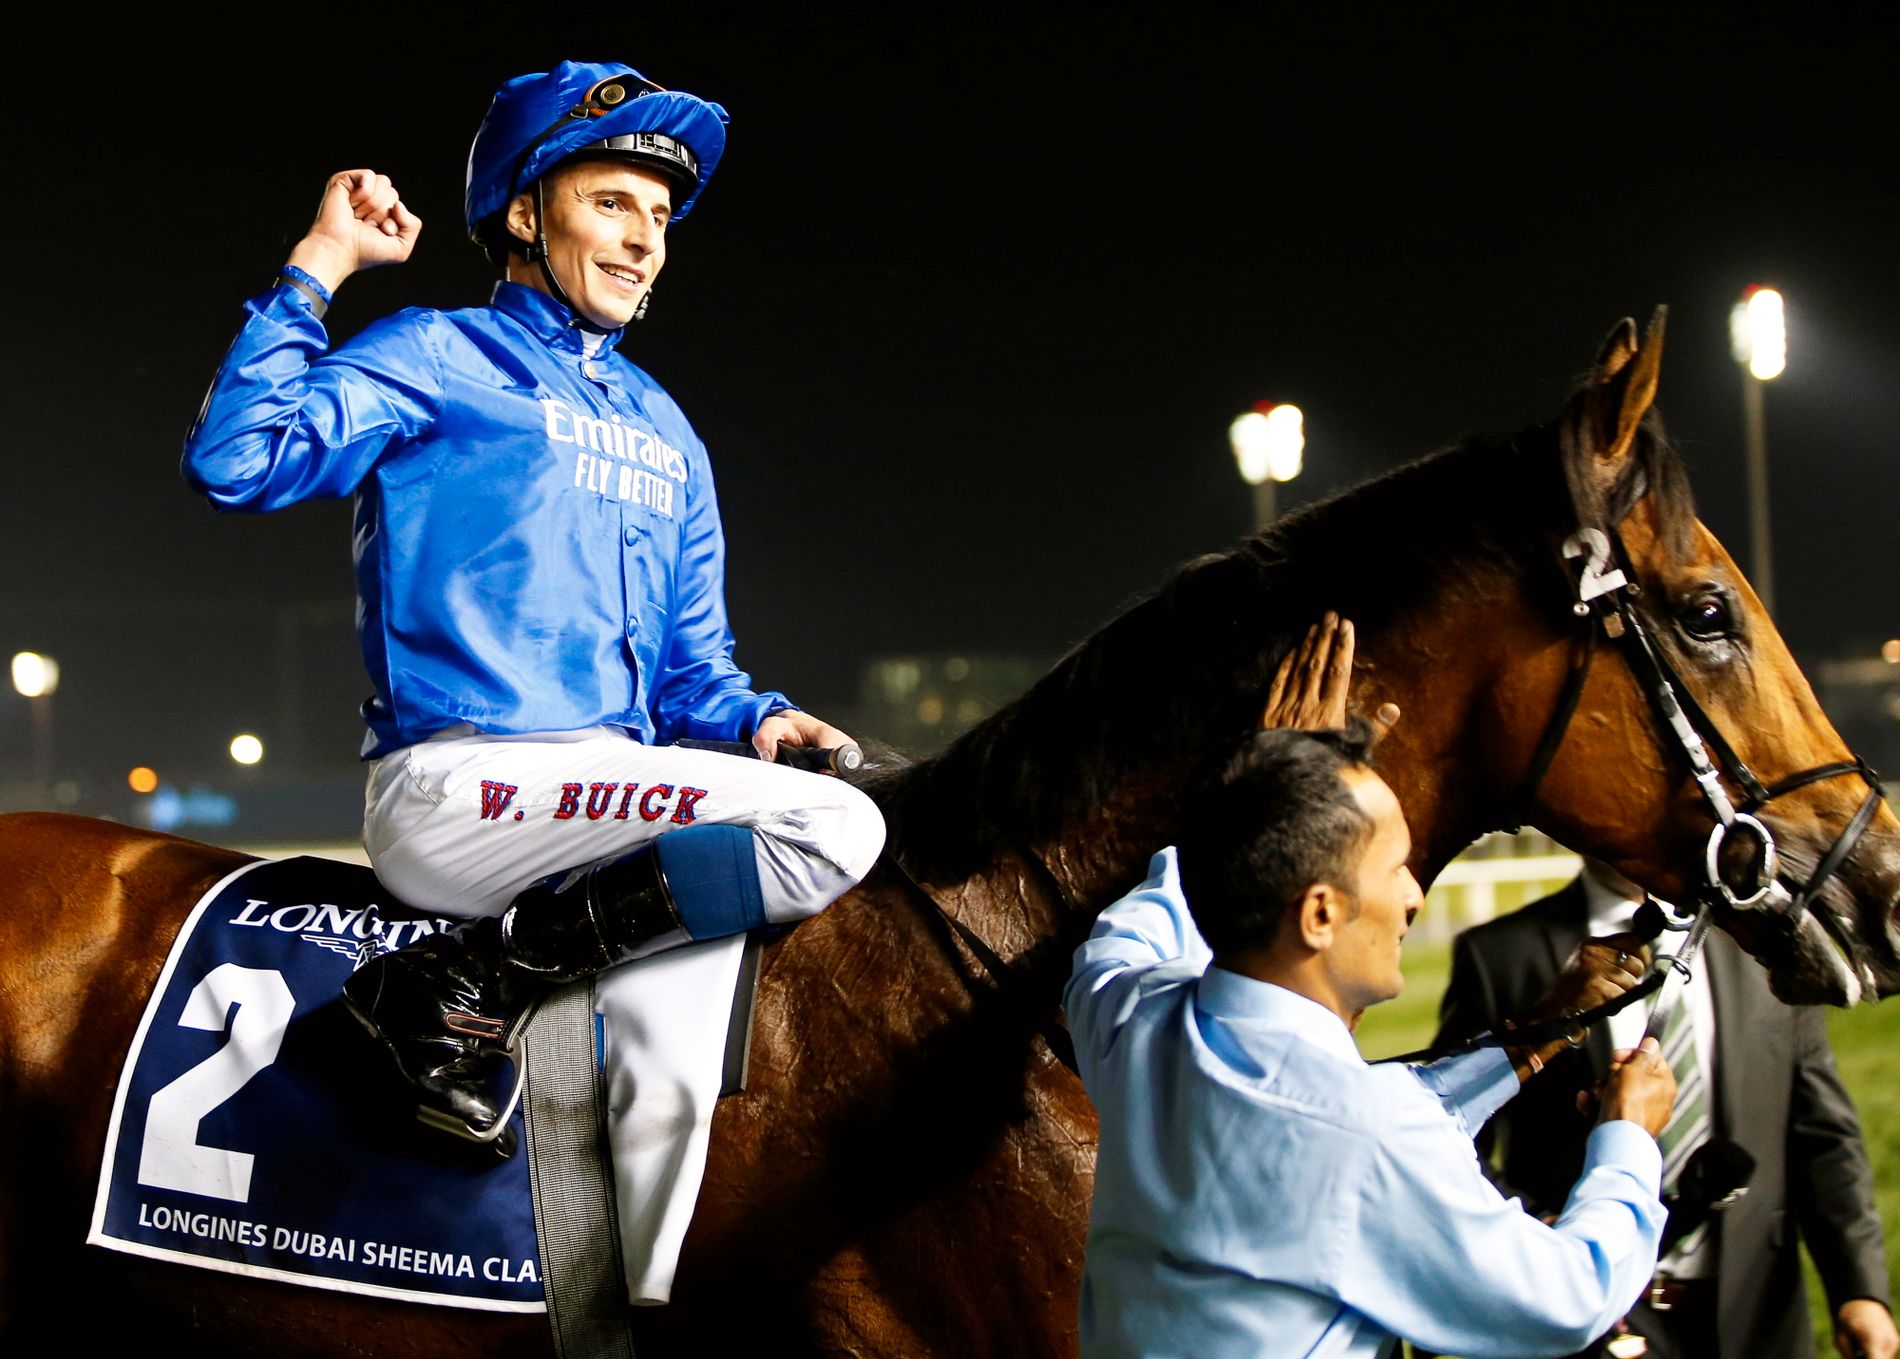 STORSEIER: William Buick, som er oppvokst i Bærum og nå er førstejockey for verdens beste galoppstall, jubler etter en av sine tre seirer lørdag. Her på Old Persian, som vant Longines Dubai Sheema Classic.